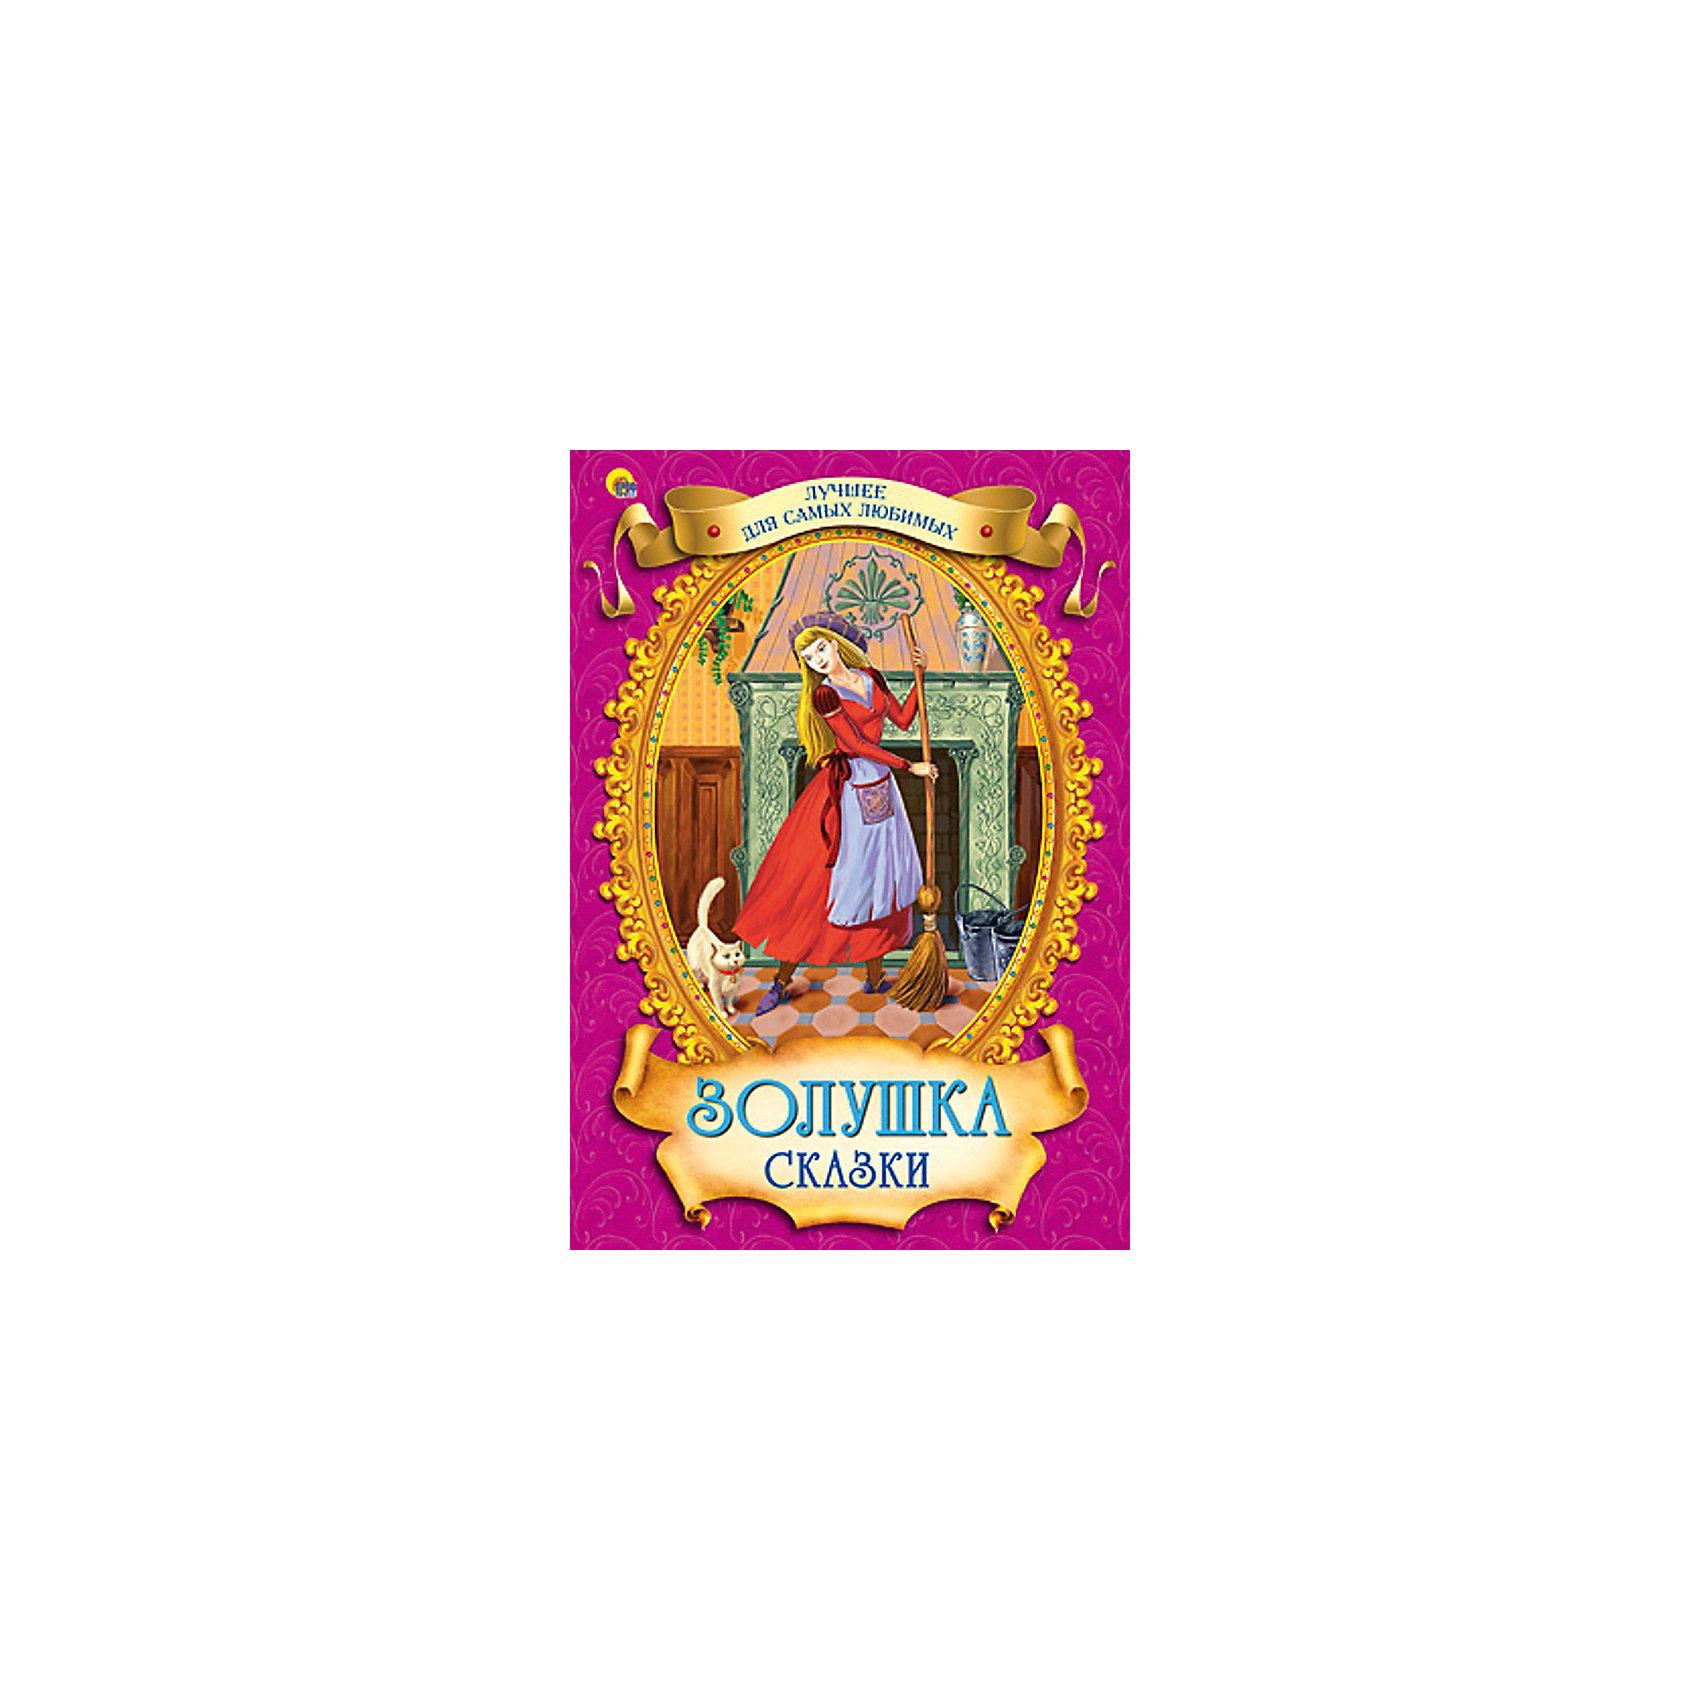 Сборник сказок ЗолушкаВ этой книге собраны сказки, проверенные многими поколениями, которые понравятся и современным детям. Книги - это лучший подарок не только взрослым, они помогают детям познавать мир и учиться читать, также книги позволяют ребенку весело проводить время. Они также стимулируют развитие воображения, логики и творческого мышления.<br>Это издание очень красиво оформлено, в него вошли самые интересные сказки. Яркие картинки обязательно понравятся малышам! Книга сделана из качественных и безопасных для детей материалов.<br>  <br>Дополнительная информация:<br><br>размер: 170x246 мм;<br>вес: 281 г.<br><br>Книгу-сборник Золушка. Сказки от издательства Проф-Пресс можно купить в нашем магазине.<br><br>Ширина мм: 170<br>Глубина мм: 13<br>Высота мм: 246<br>Вес г: 281<br>Возраст от месяцев: 0<br>Возраст до месяцев: 60<br>Пол: Унисекс<br>Возраст: Детский<br>SKU: 4787307